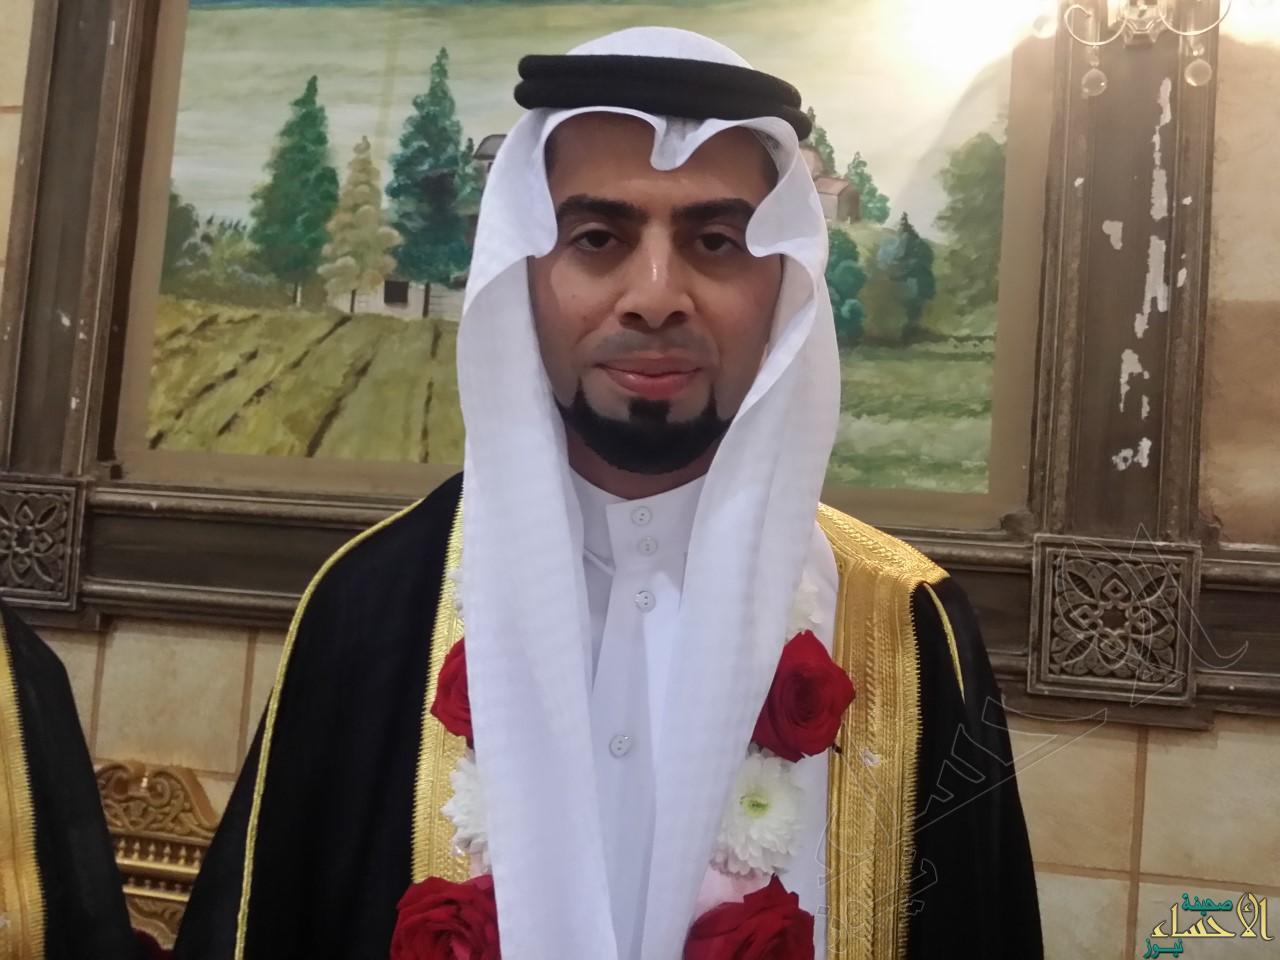 العريس - السيد علي3